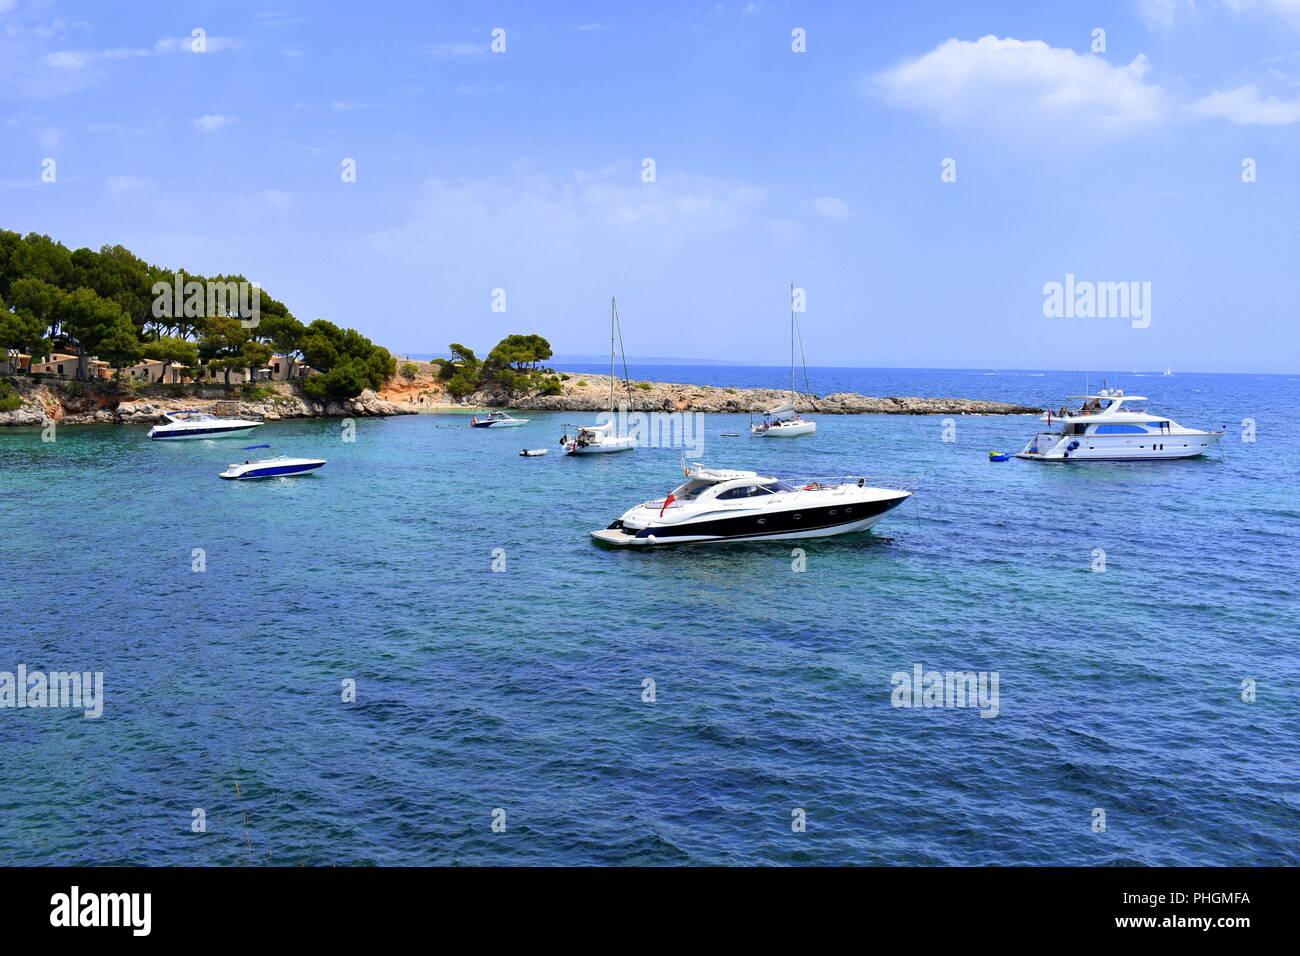 Boats anchored off Punta Negra near Palma Nova, Mallorca, Spain - Stock Image